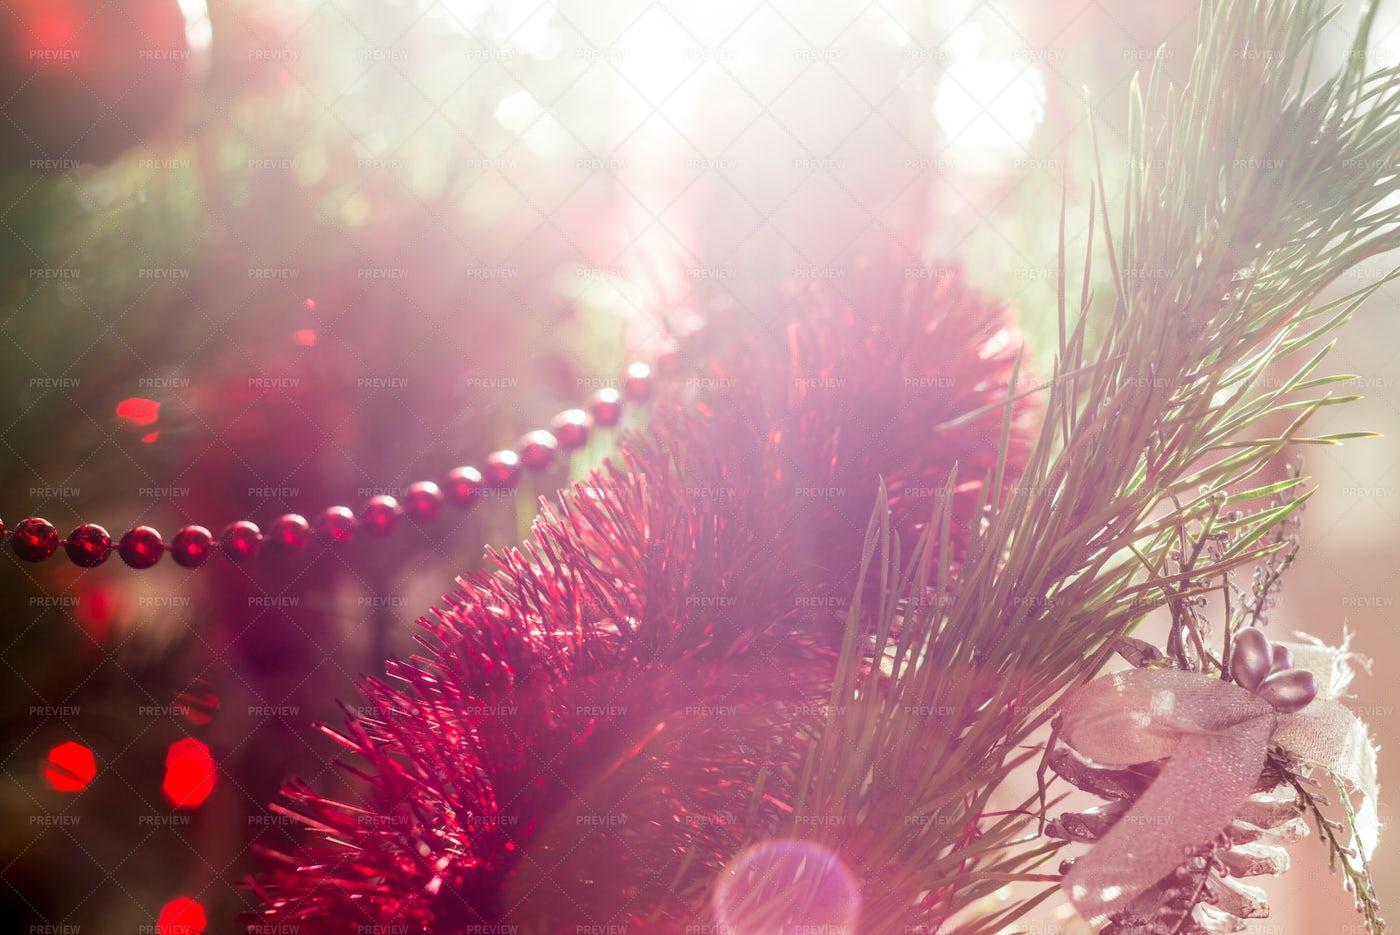 Sun Flare Christmas Tree: Stock Photos